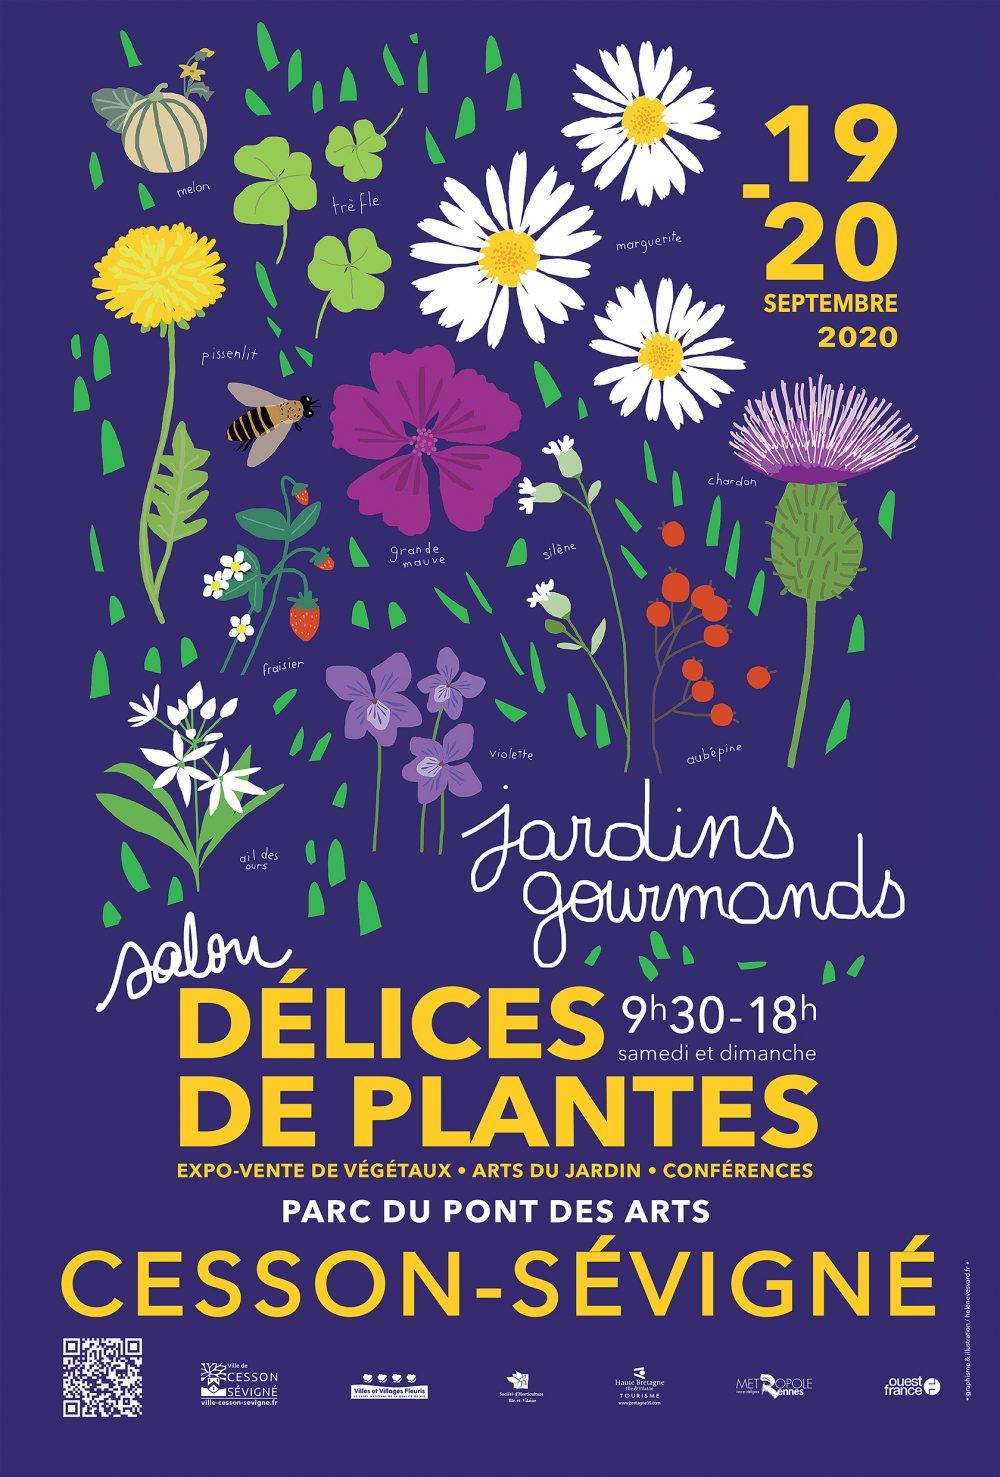 Délices de plantes 2020, Jardins gourmands